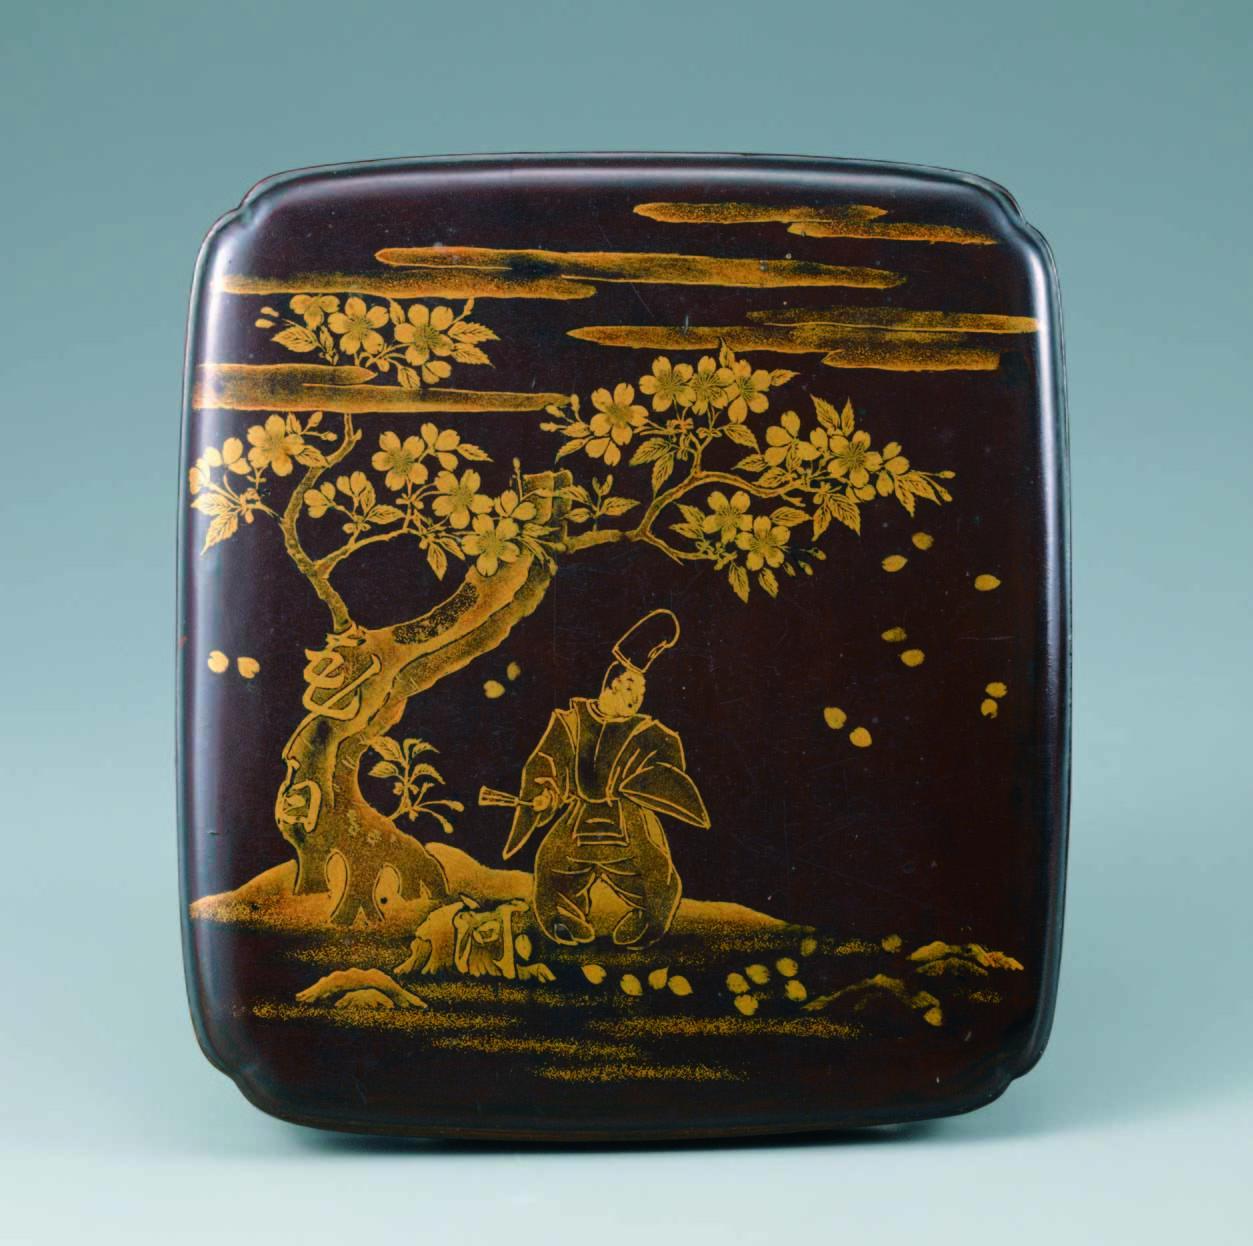 重要文化財 花白河蒔絵硯箱 日本・室町時代 15世紀 根津美術館蔵